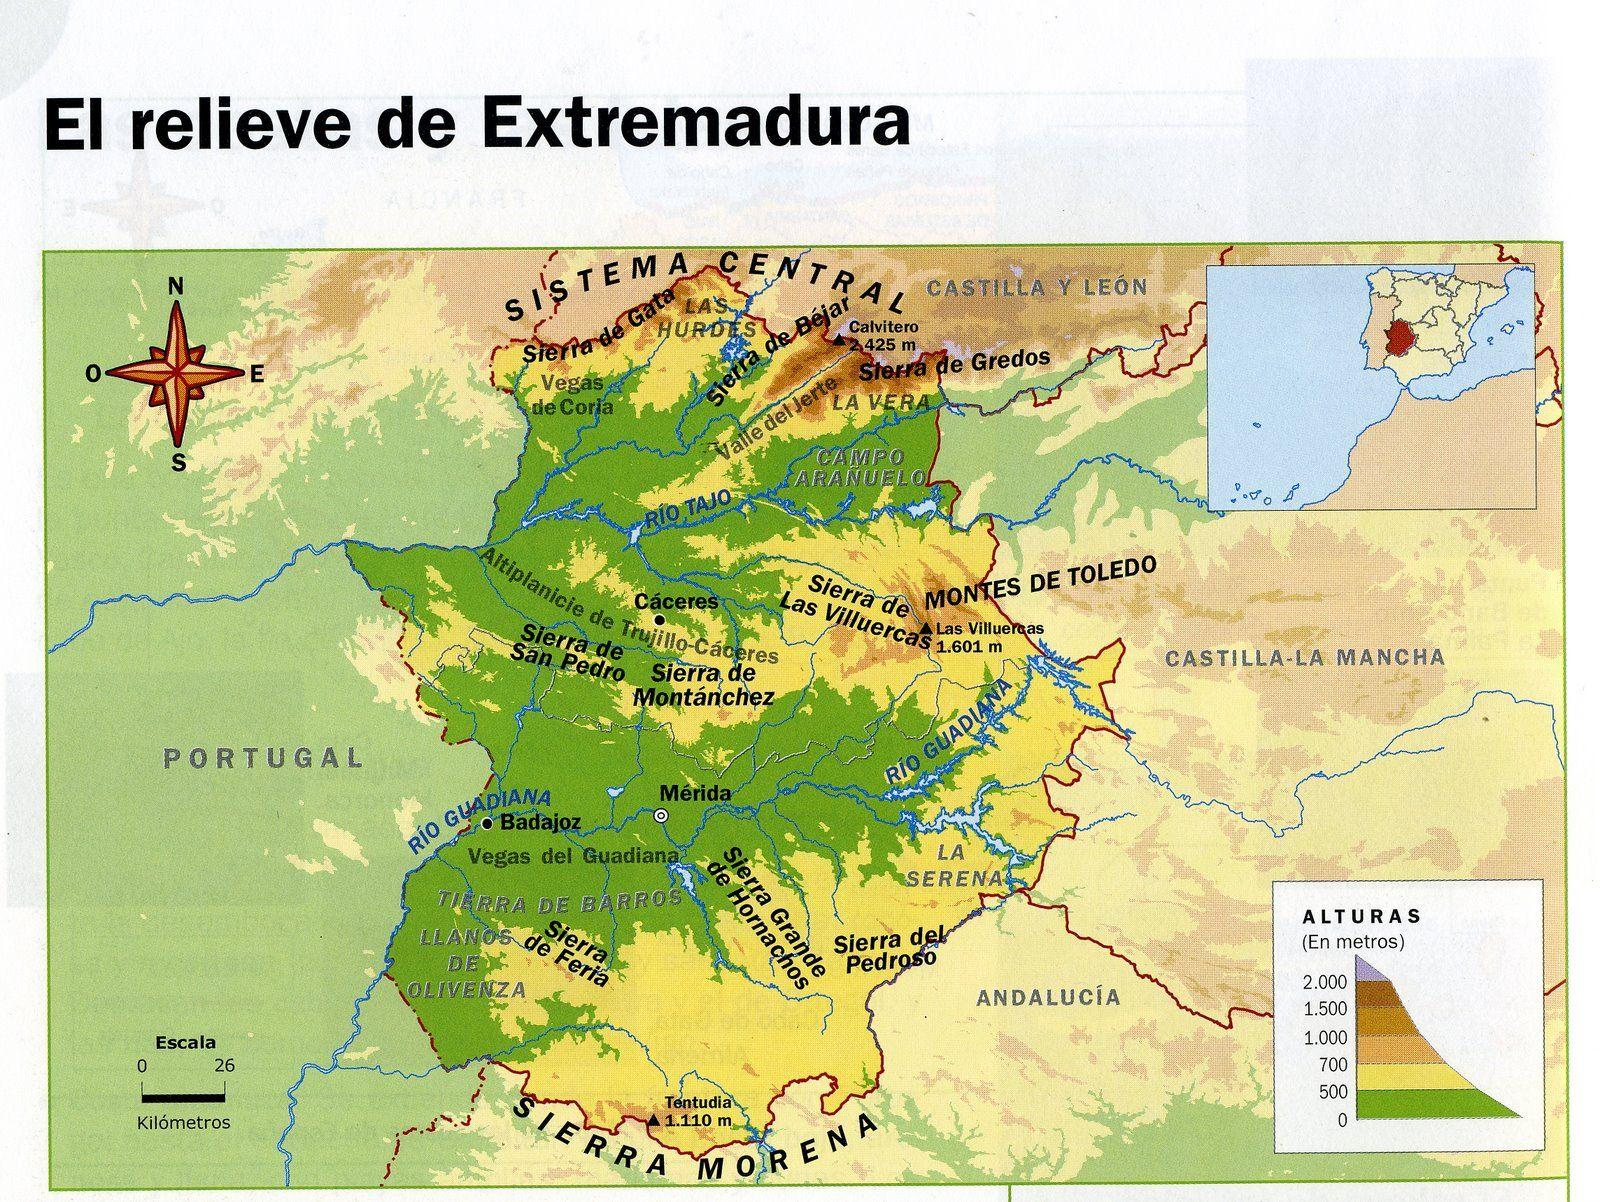 Sierra Morena Mapa Fisico.El Relieve De Extremadura Esta Definido Por Los Siguientes